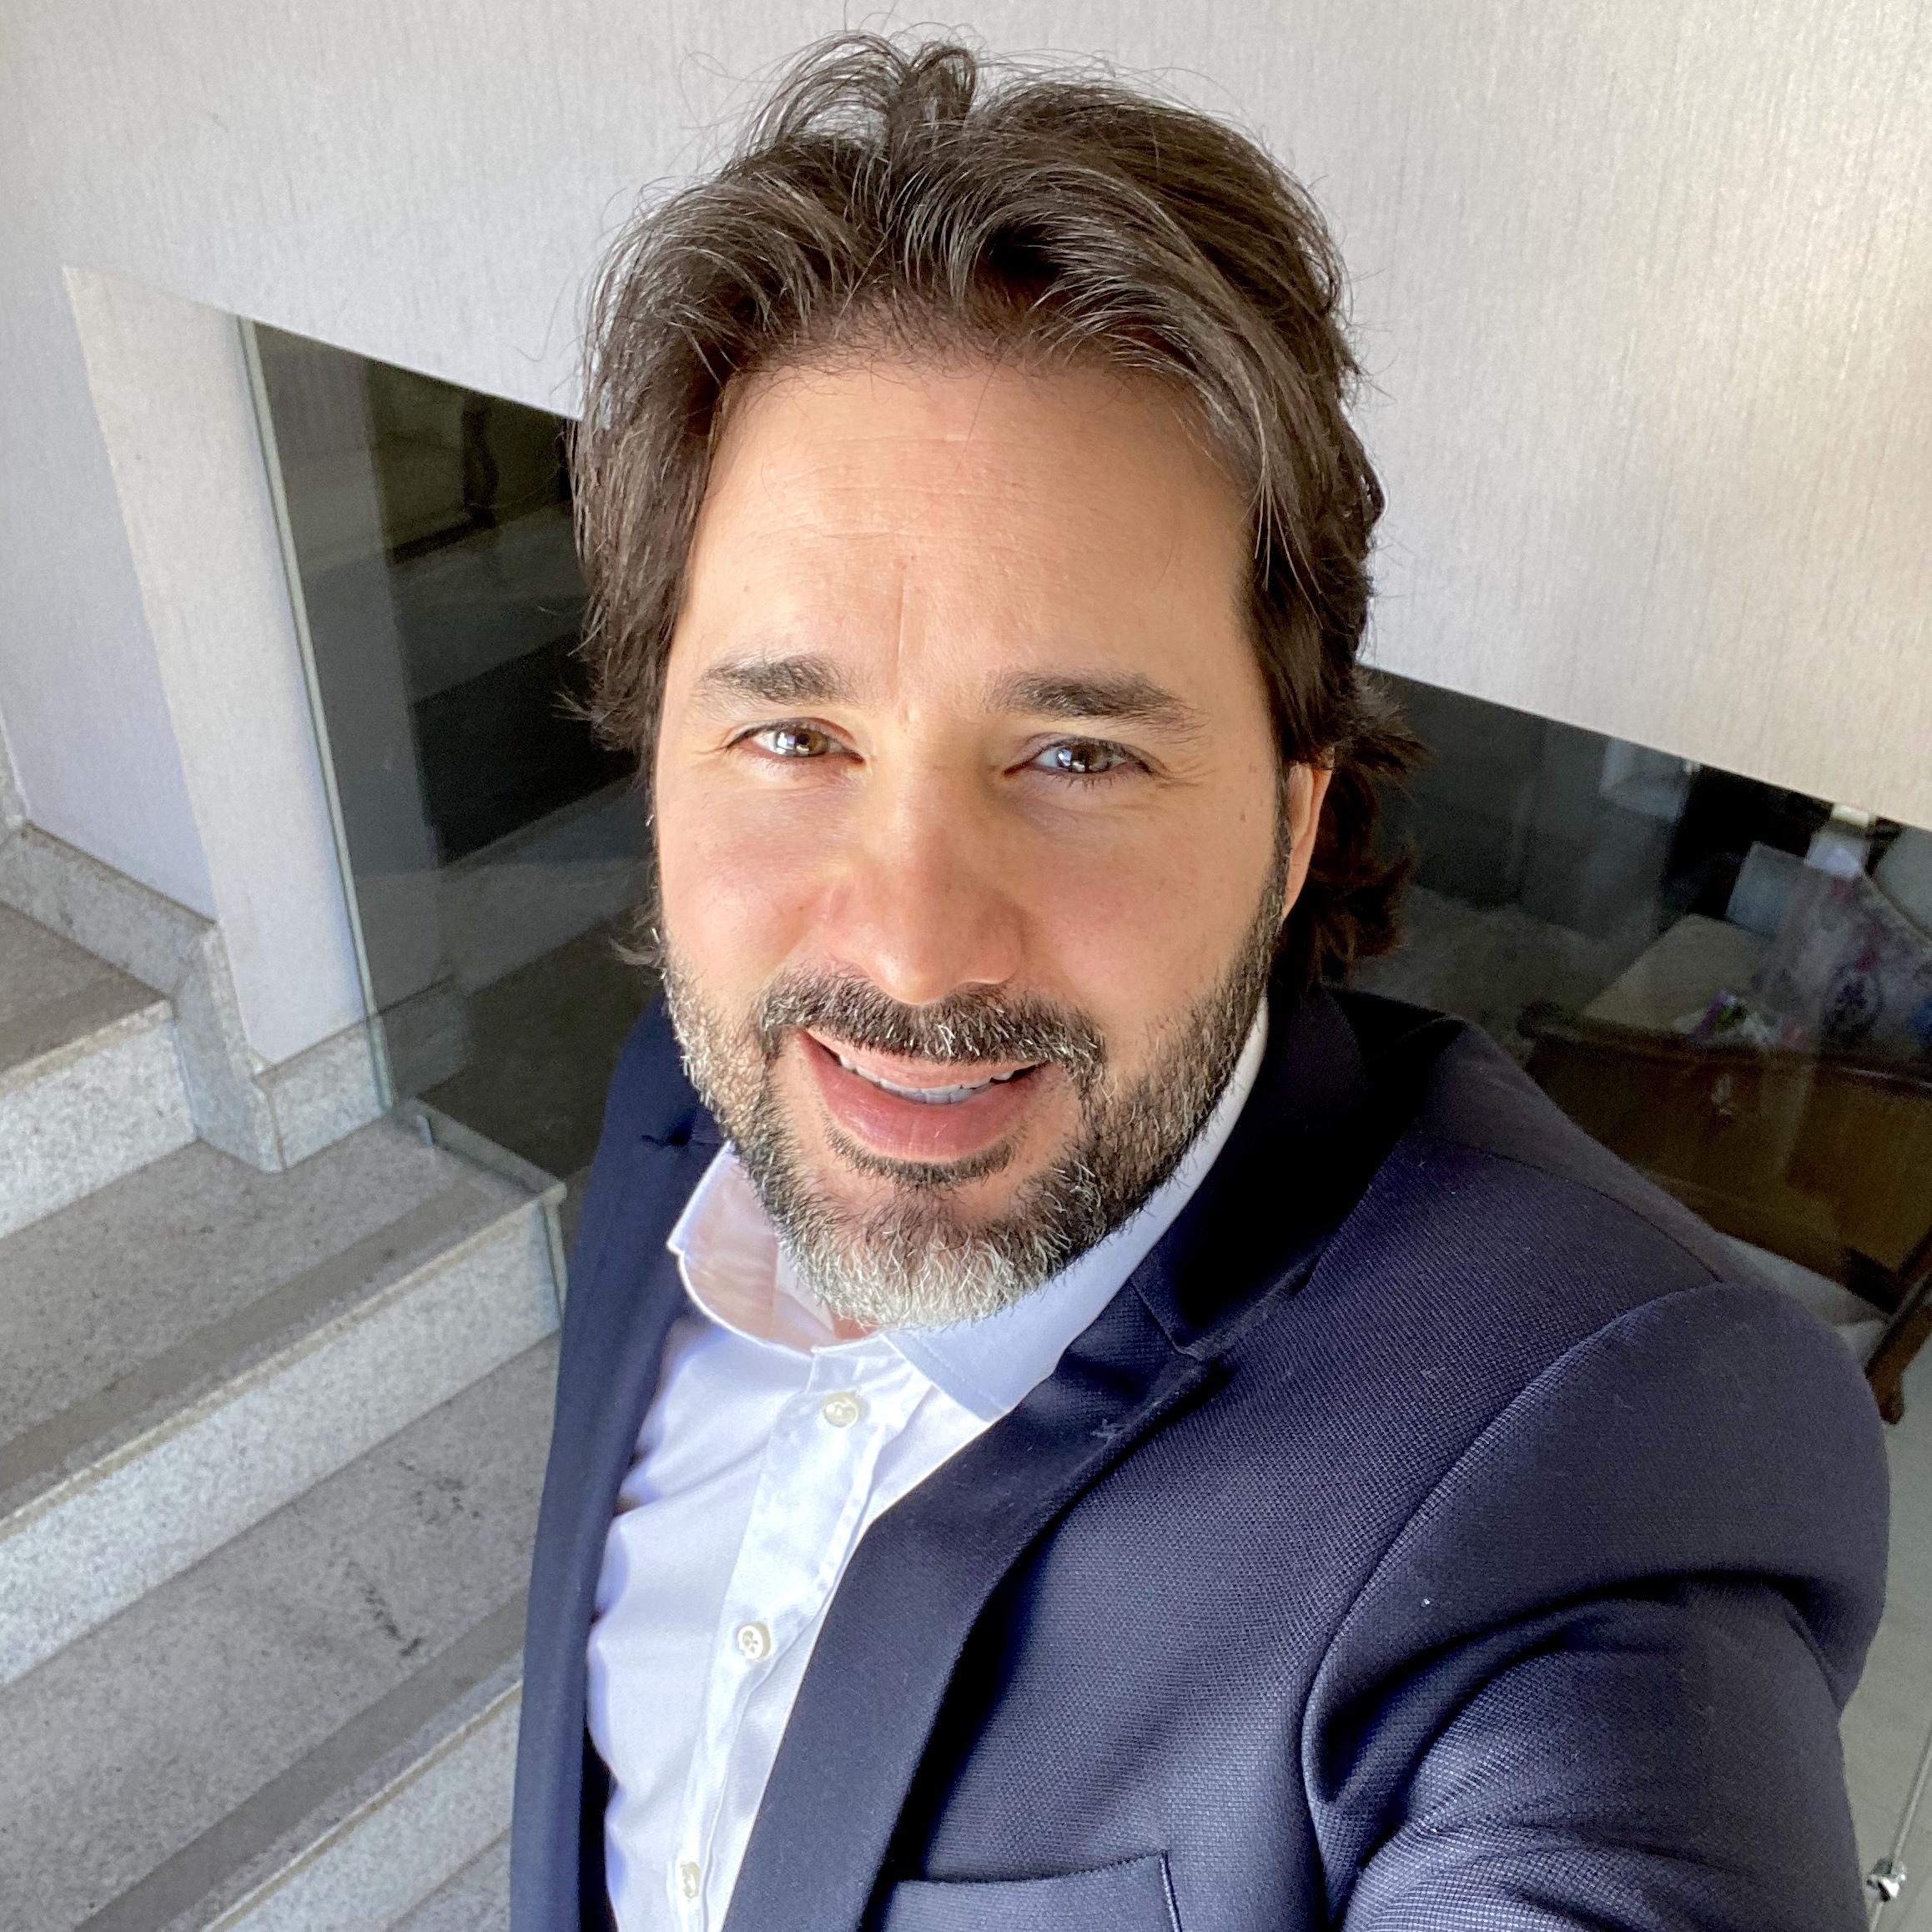 Franco Heringer de Siqueira